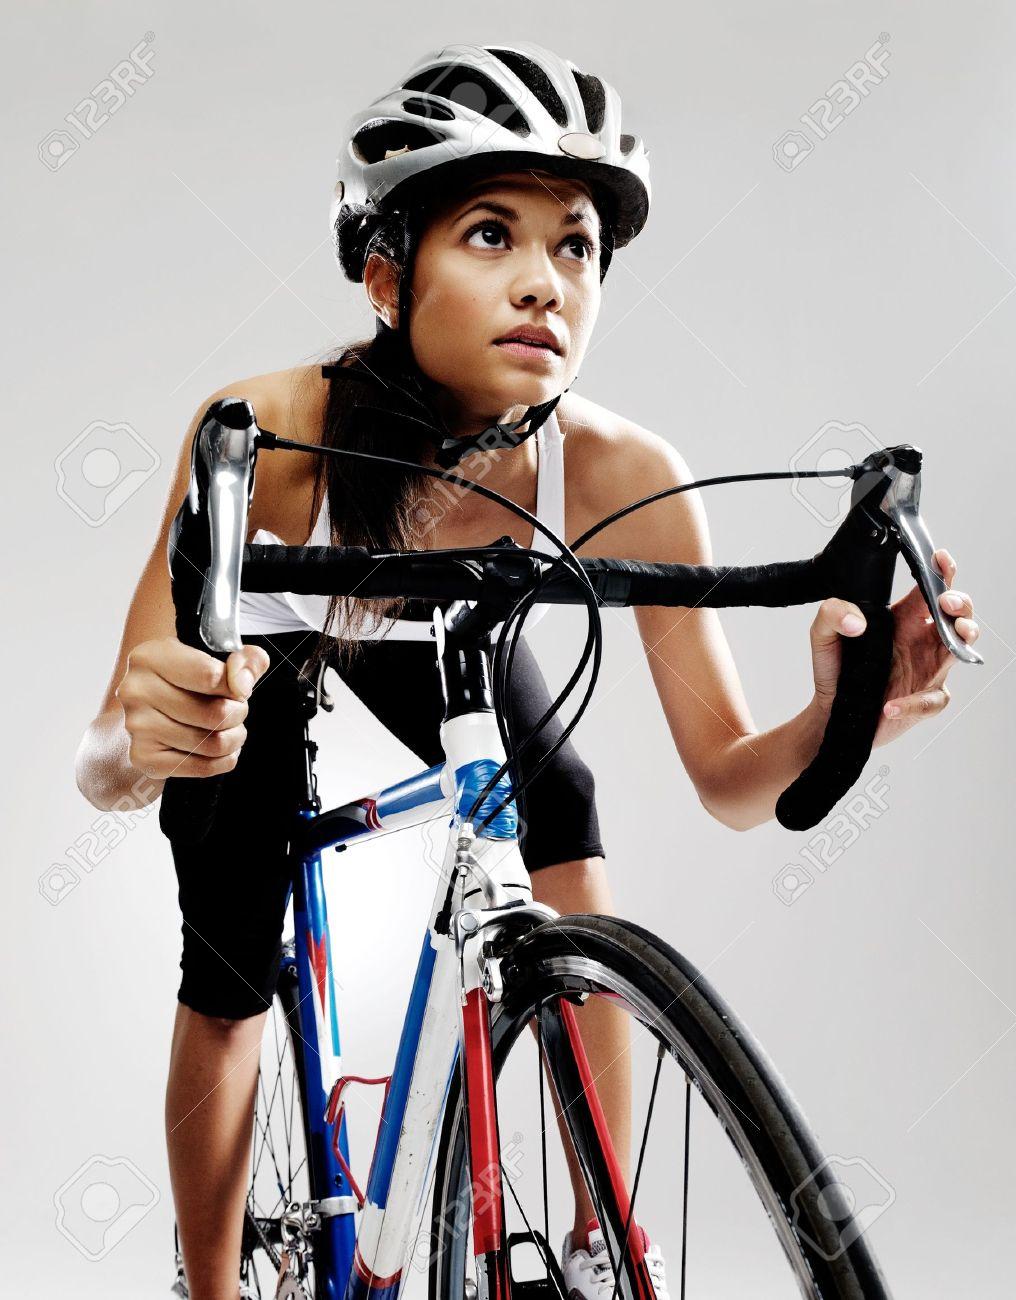 fit fietser vrouw op een racefiets fiets gesoleerd in de studio met de sfeervolle verlichting